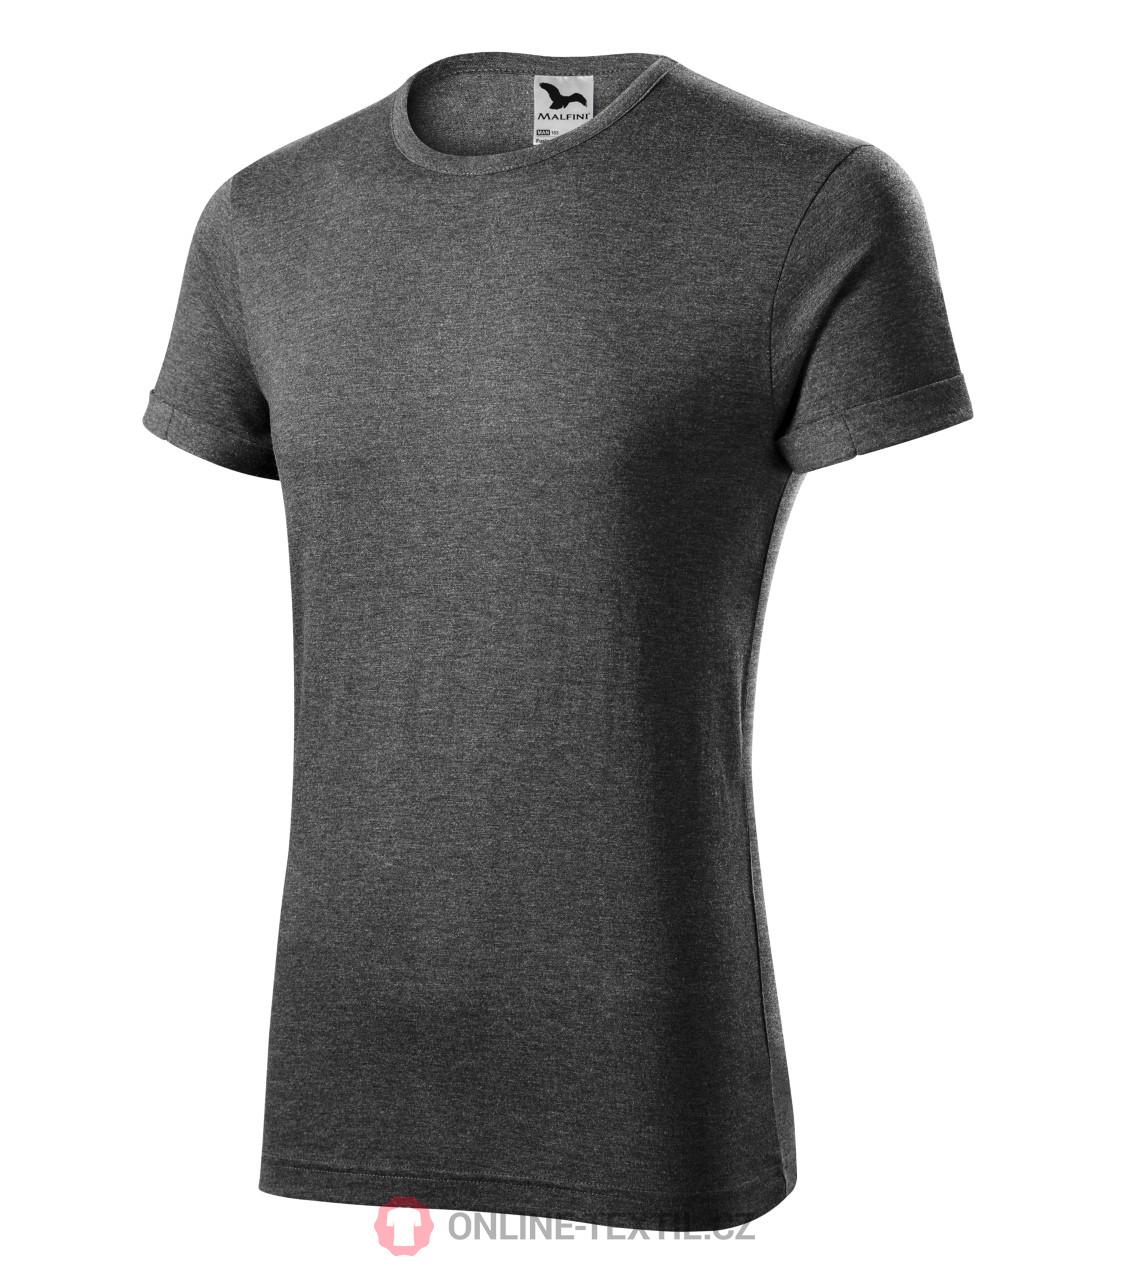 9e1cb5b06ab5 ADLER CZECH Melírované pánske tričko Fusion 163 - čierny melír z ...